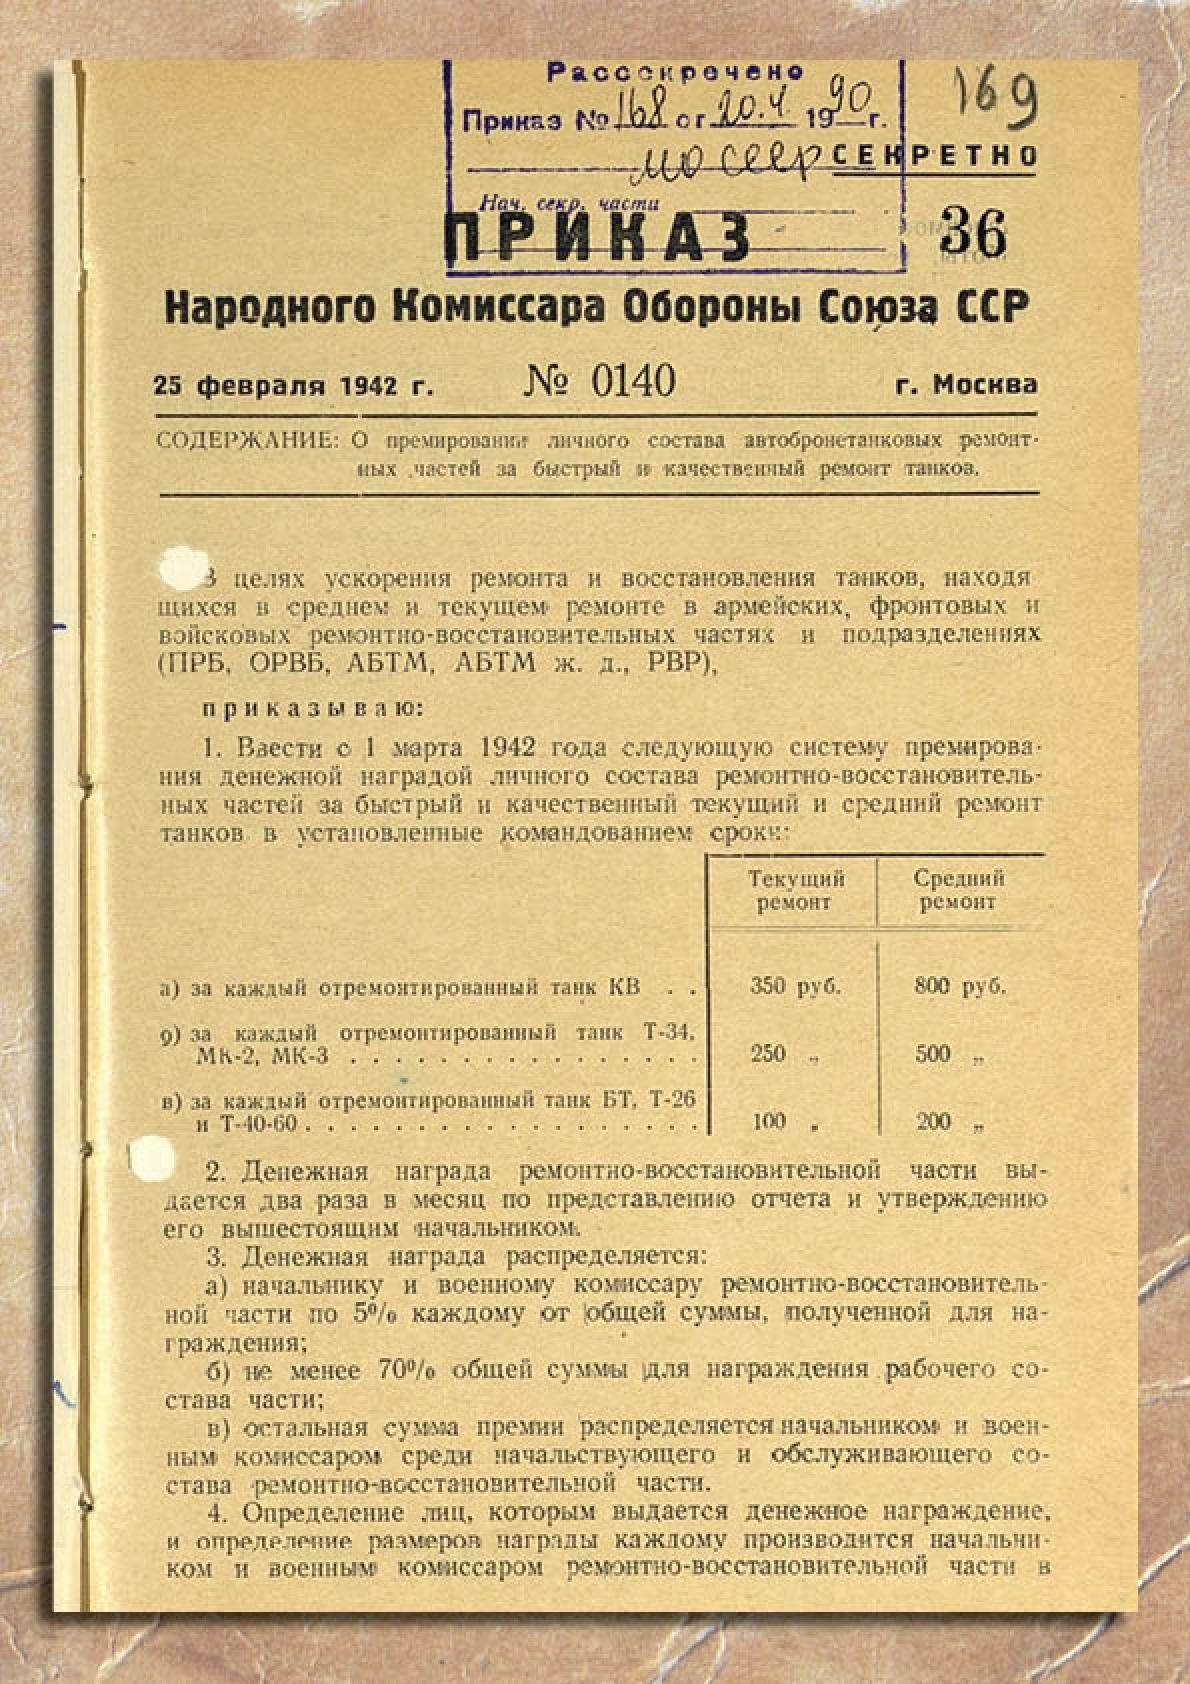 Приказ НКО от 25 февраля 1942 года №0140 «О премировании личного состава автобронетанковых ремонтных частей за быстрый и качественный ремонт танков»